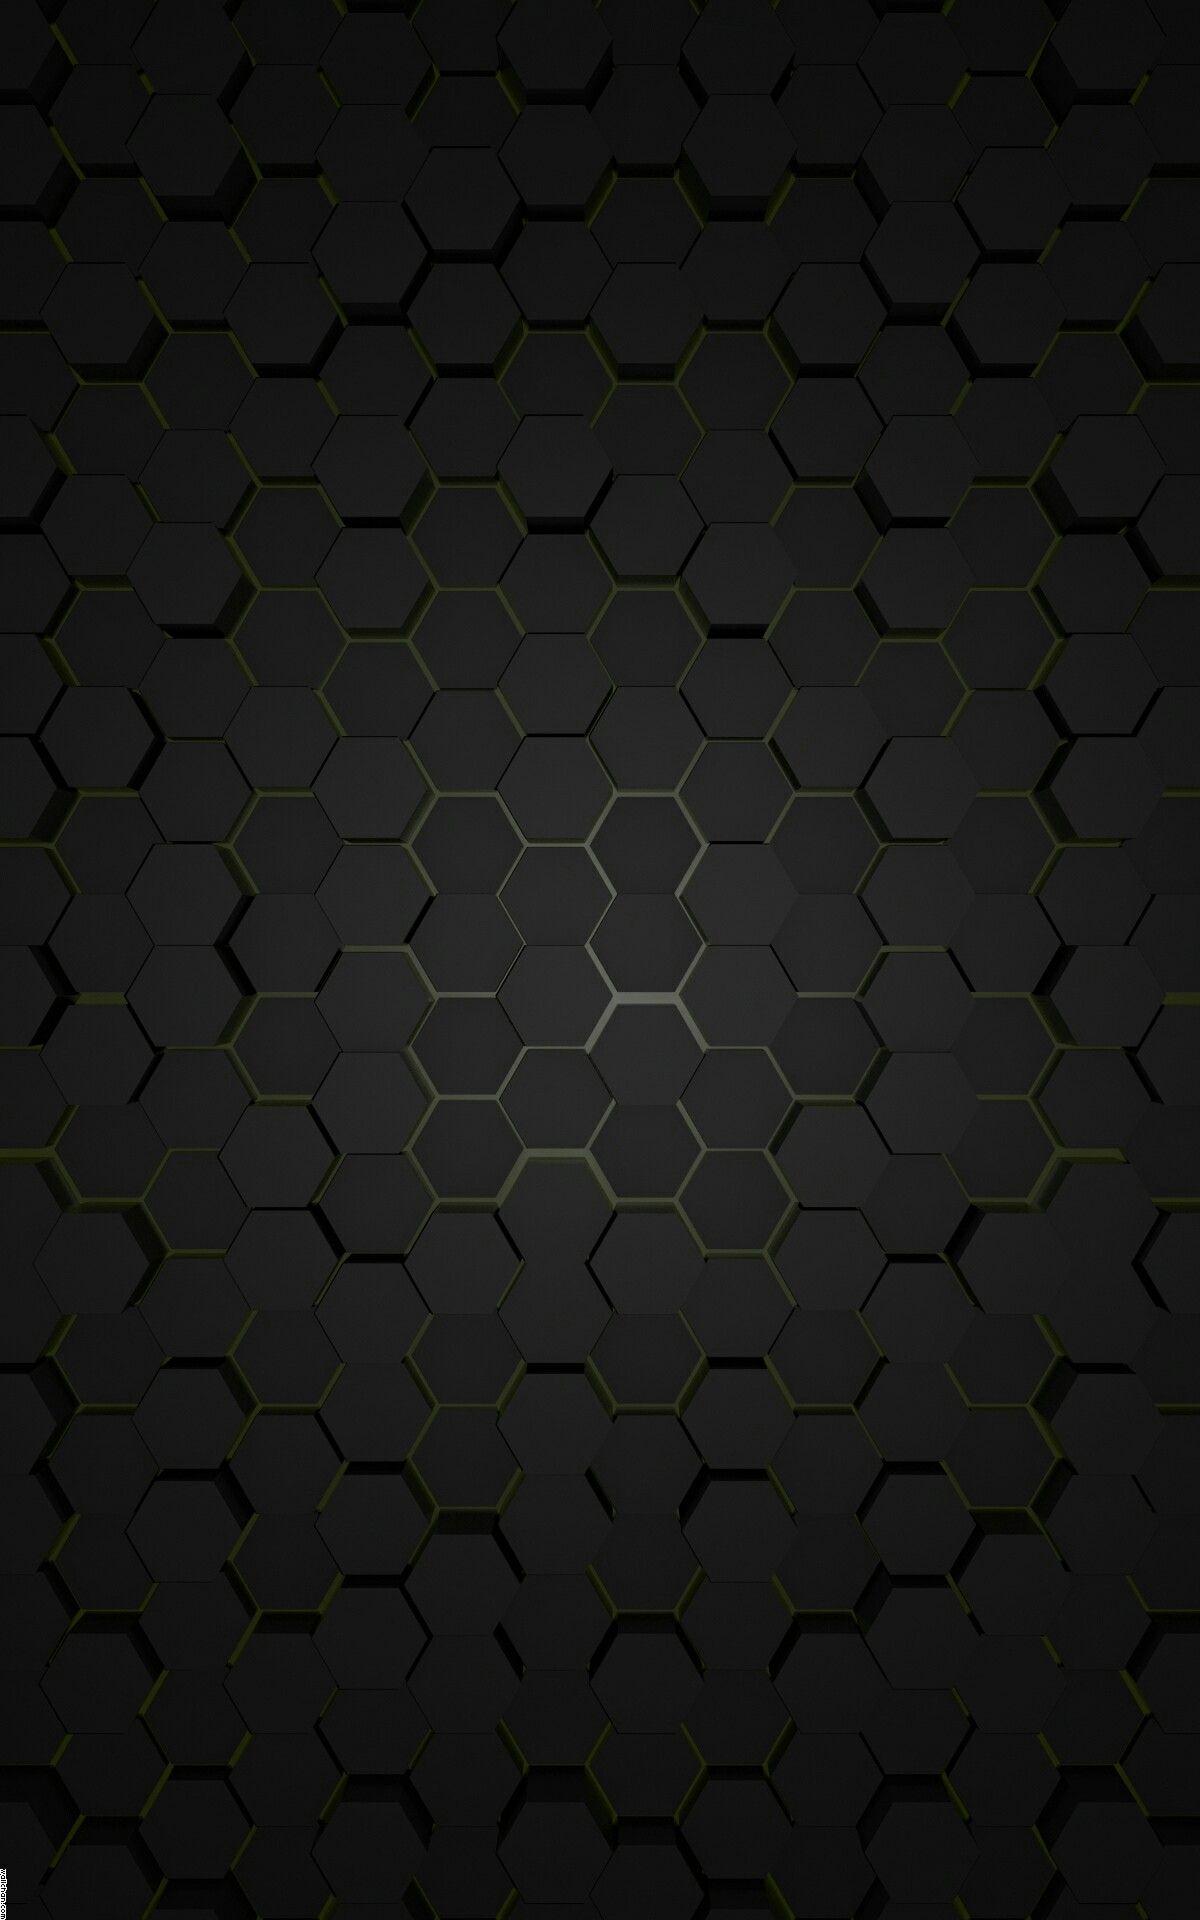 Hd Phone Wallpaper Black Phone Wallpaper Wallpaper Display Hd Phone Wallpapers